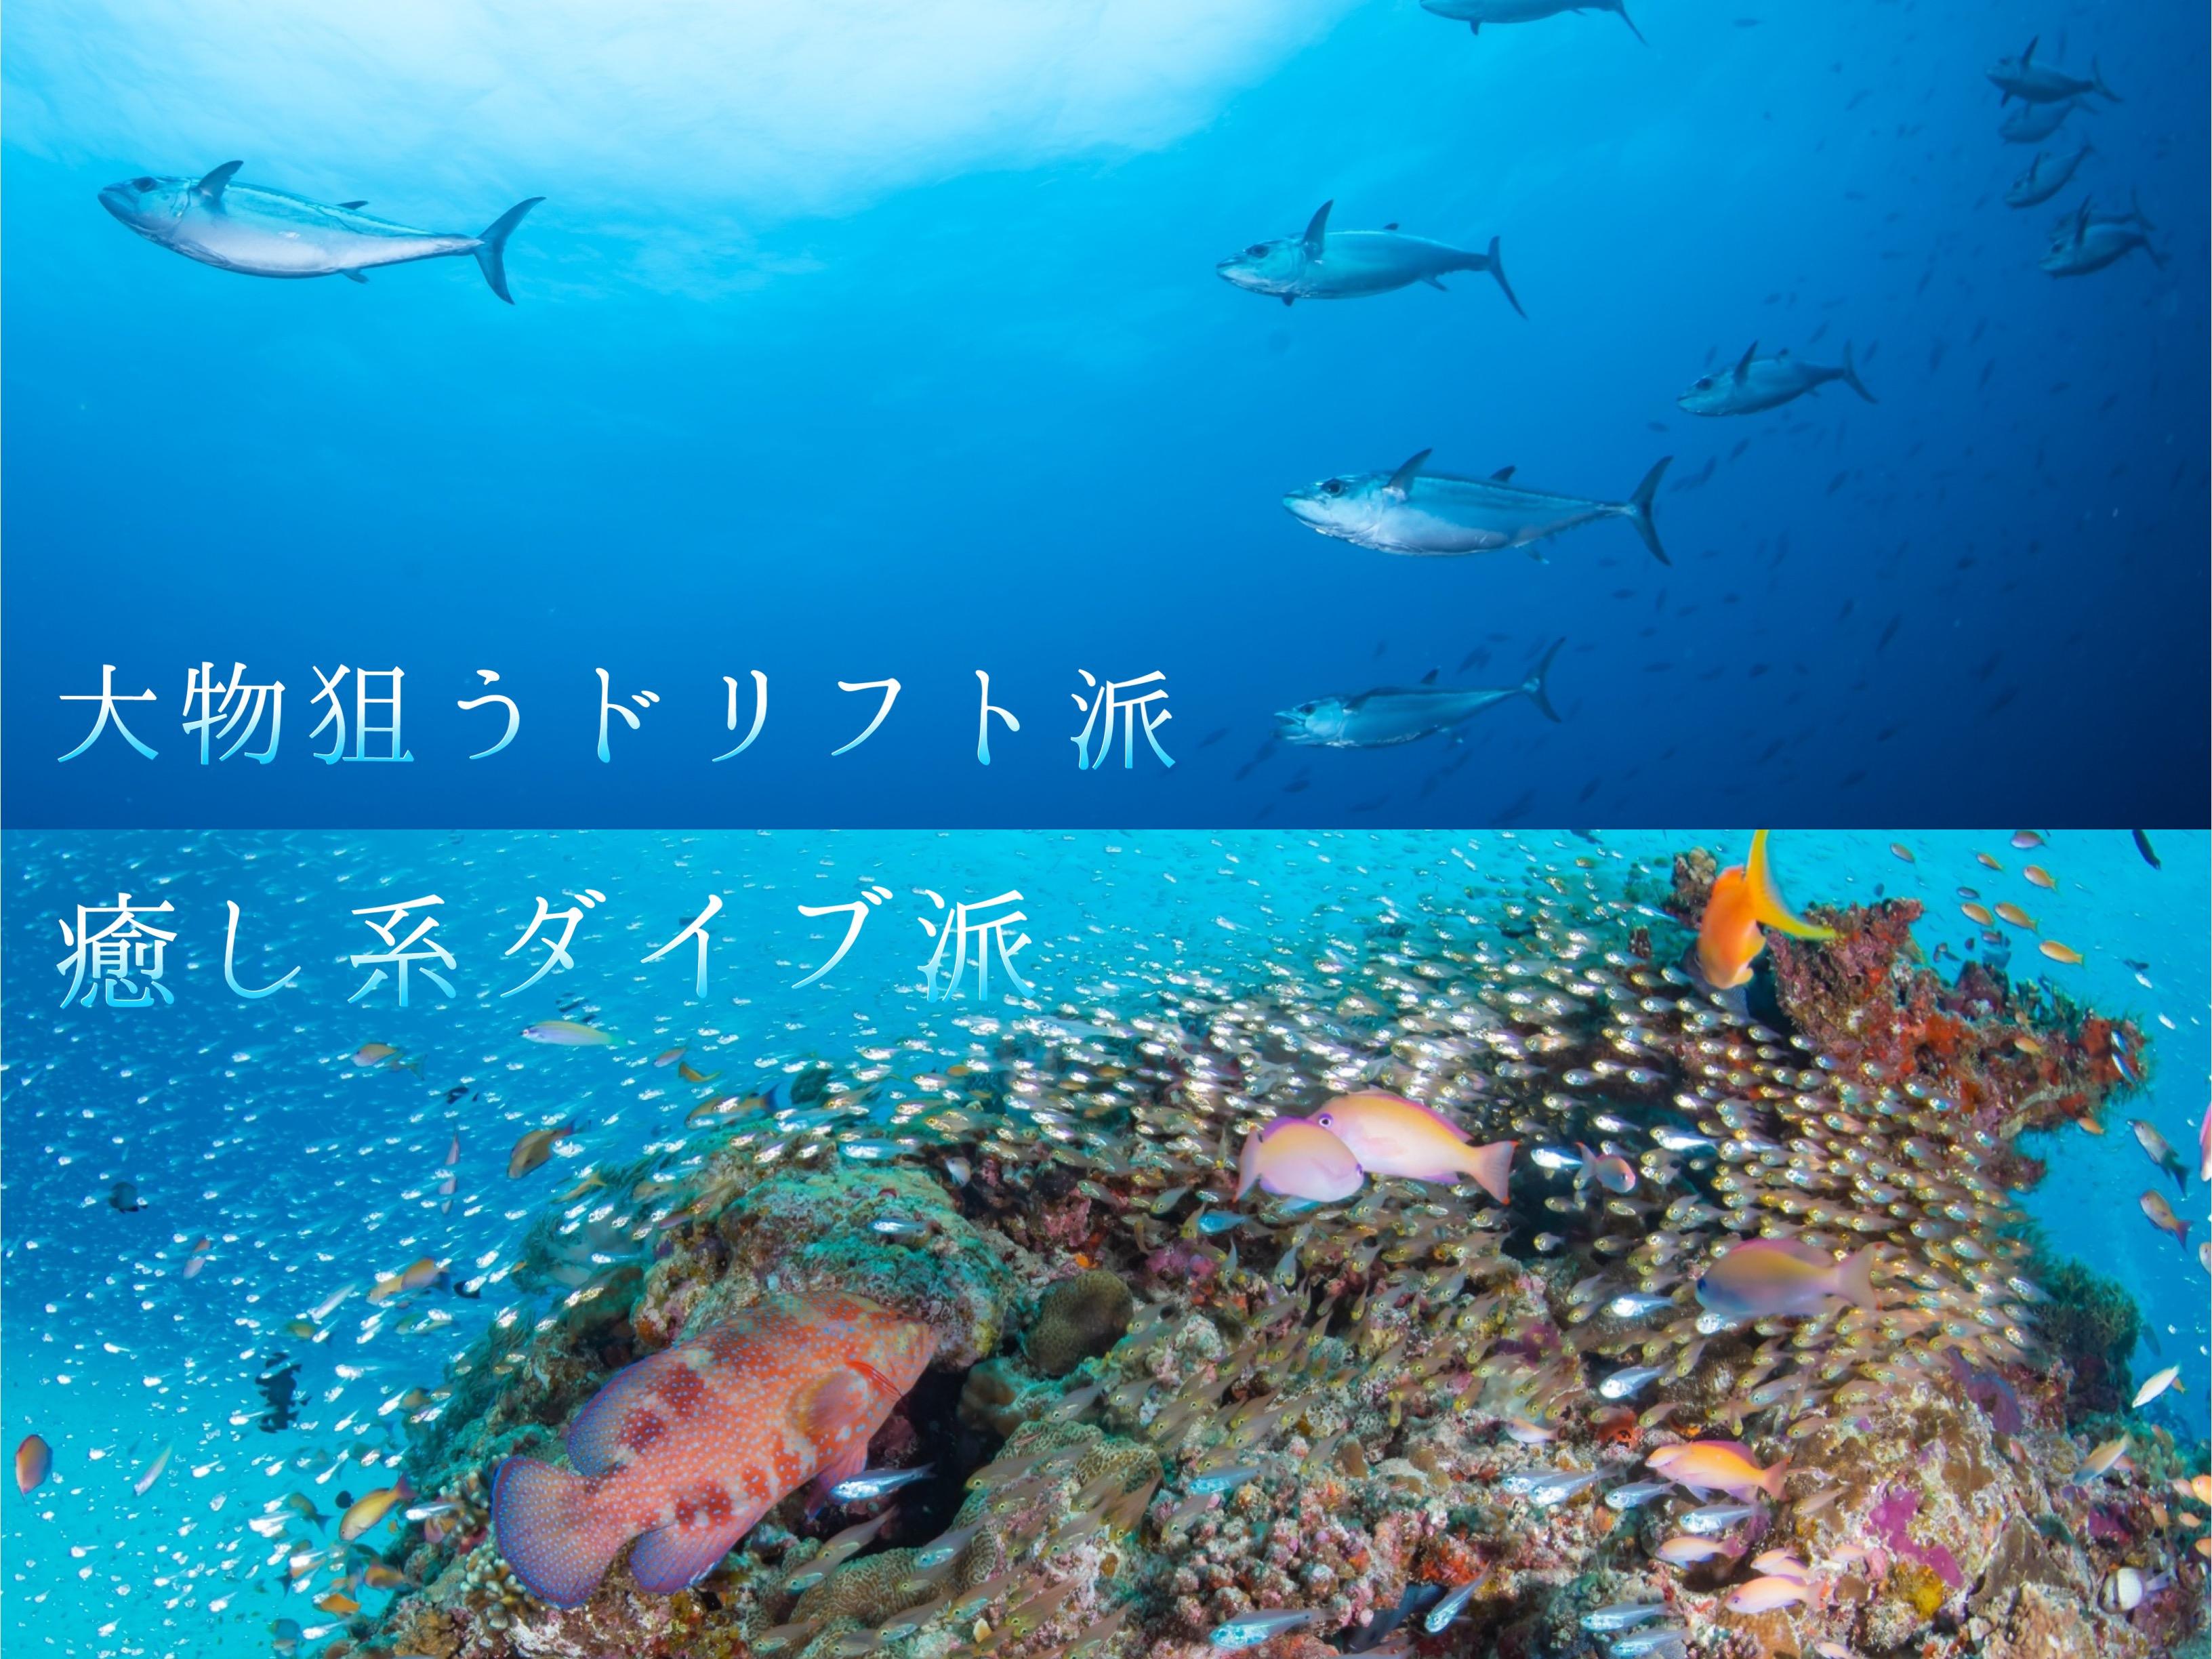 阿嘉島のダイビング